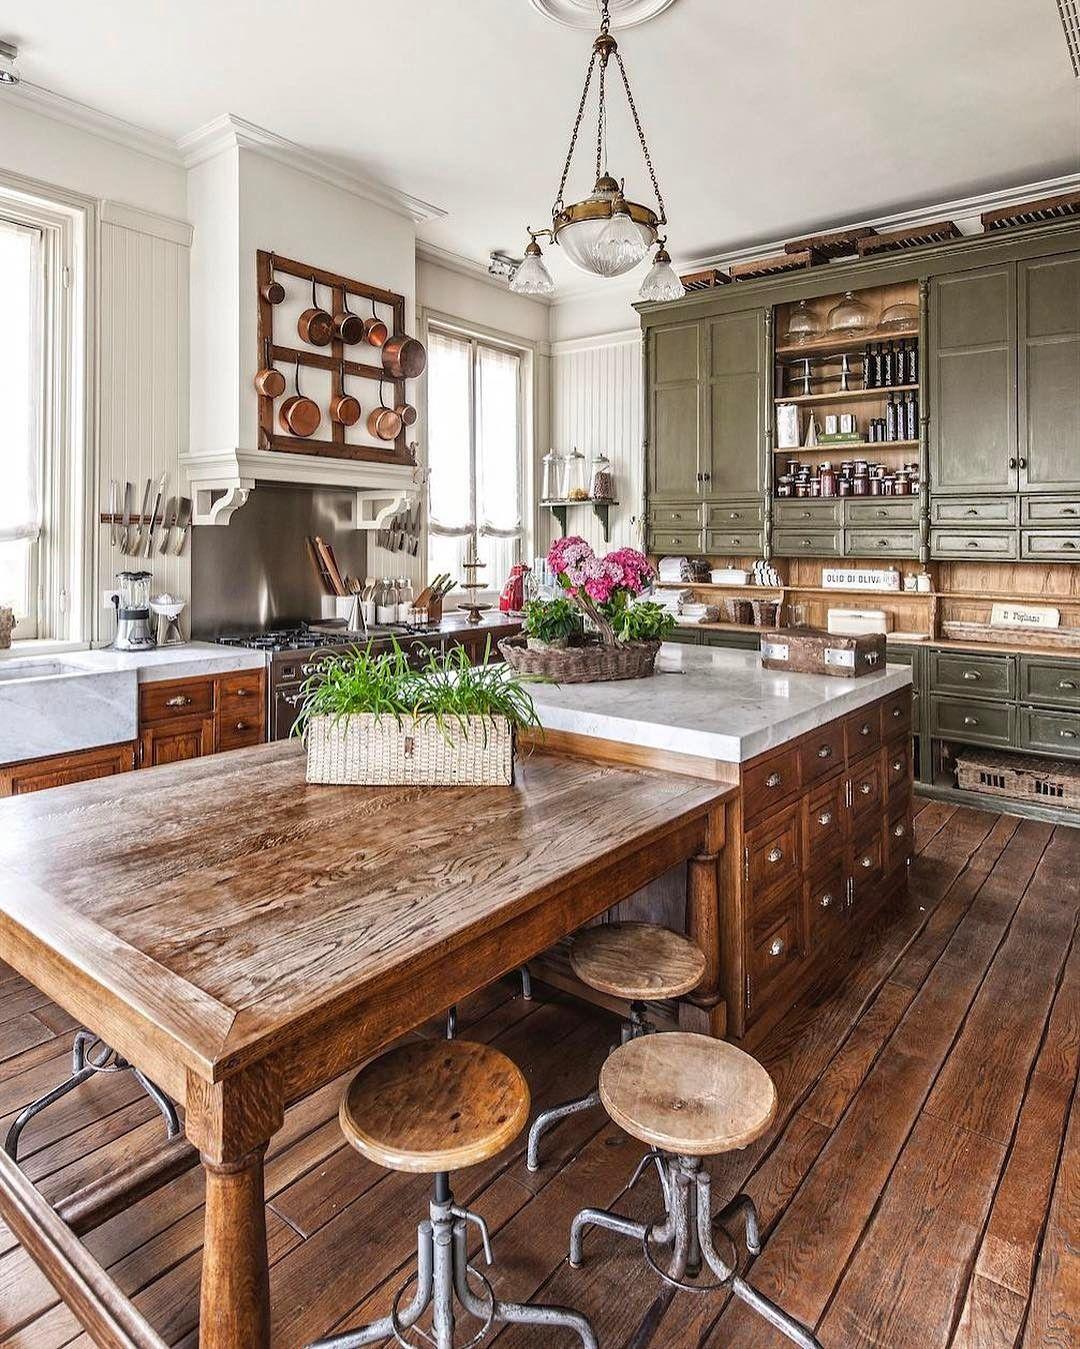 Paolo Badesco E Quin Rivista By Undicilandia Brescia Www Undicilandia It Www Quinrivista It Interi Rustic Kitchen Design Rustic Kitchen Country Style Kitchen